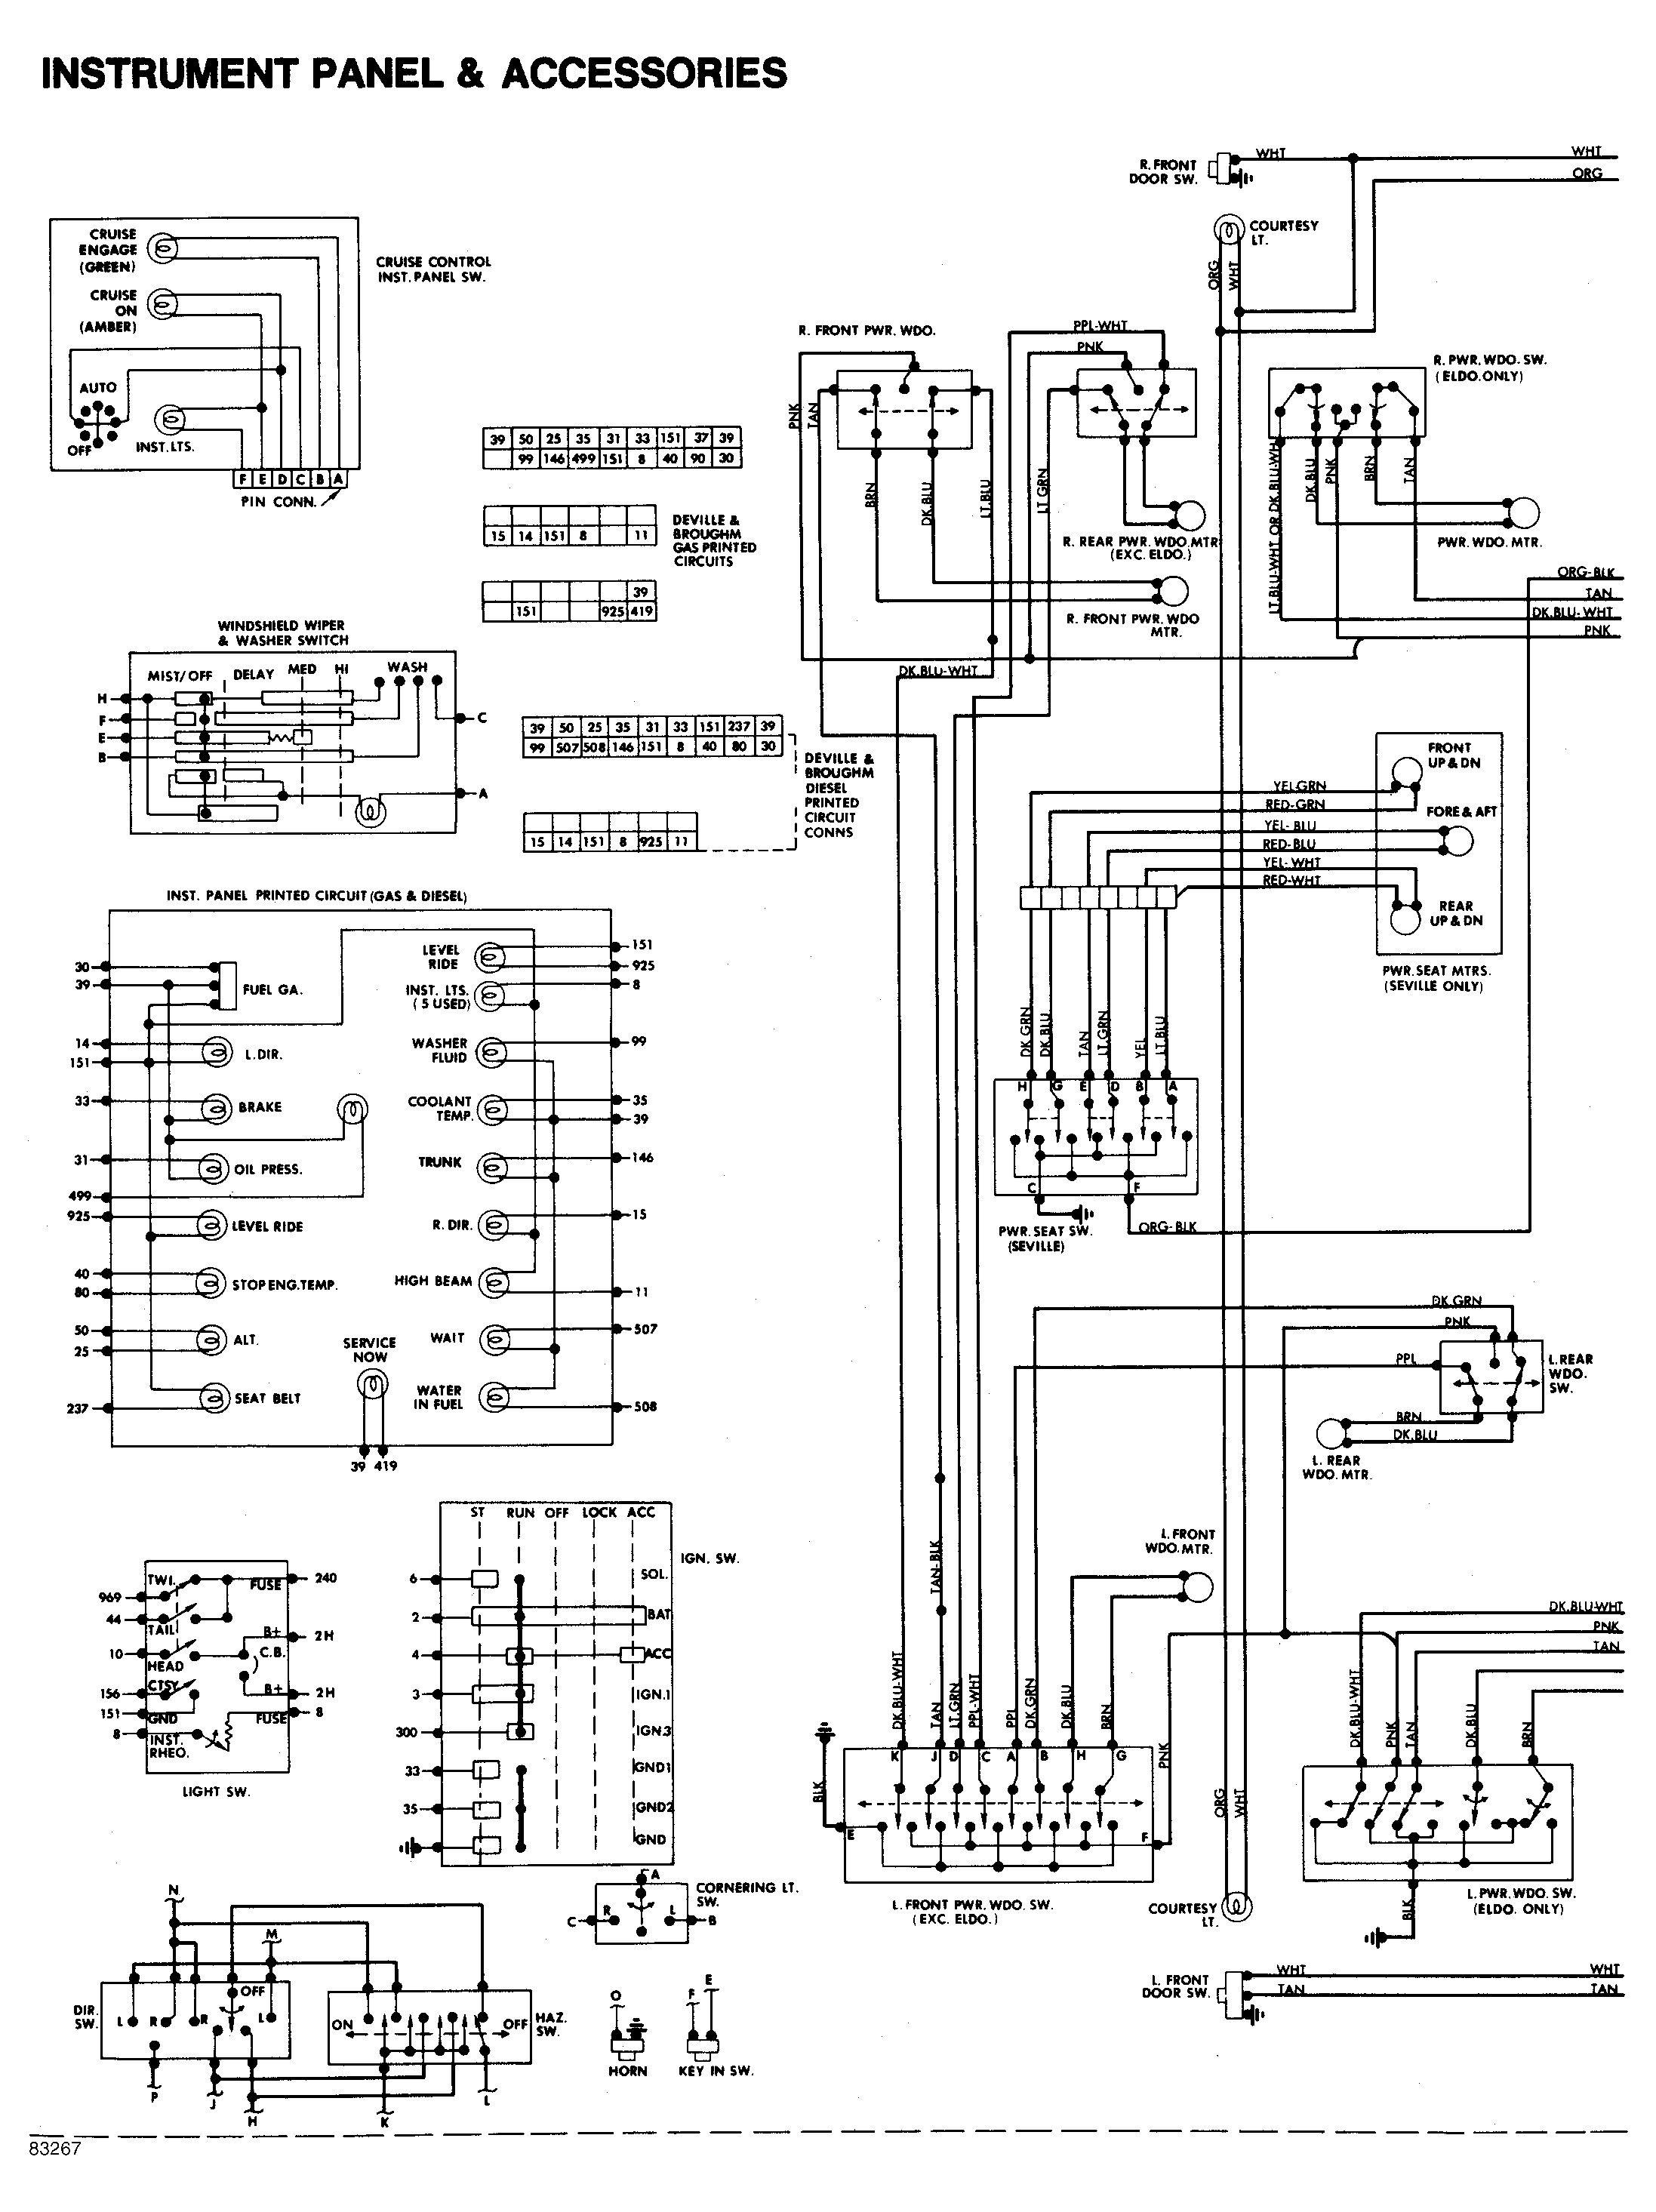 Chevrolet Kalos Fuse Box Location Wiring Diagram